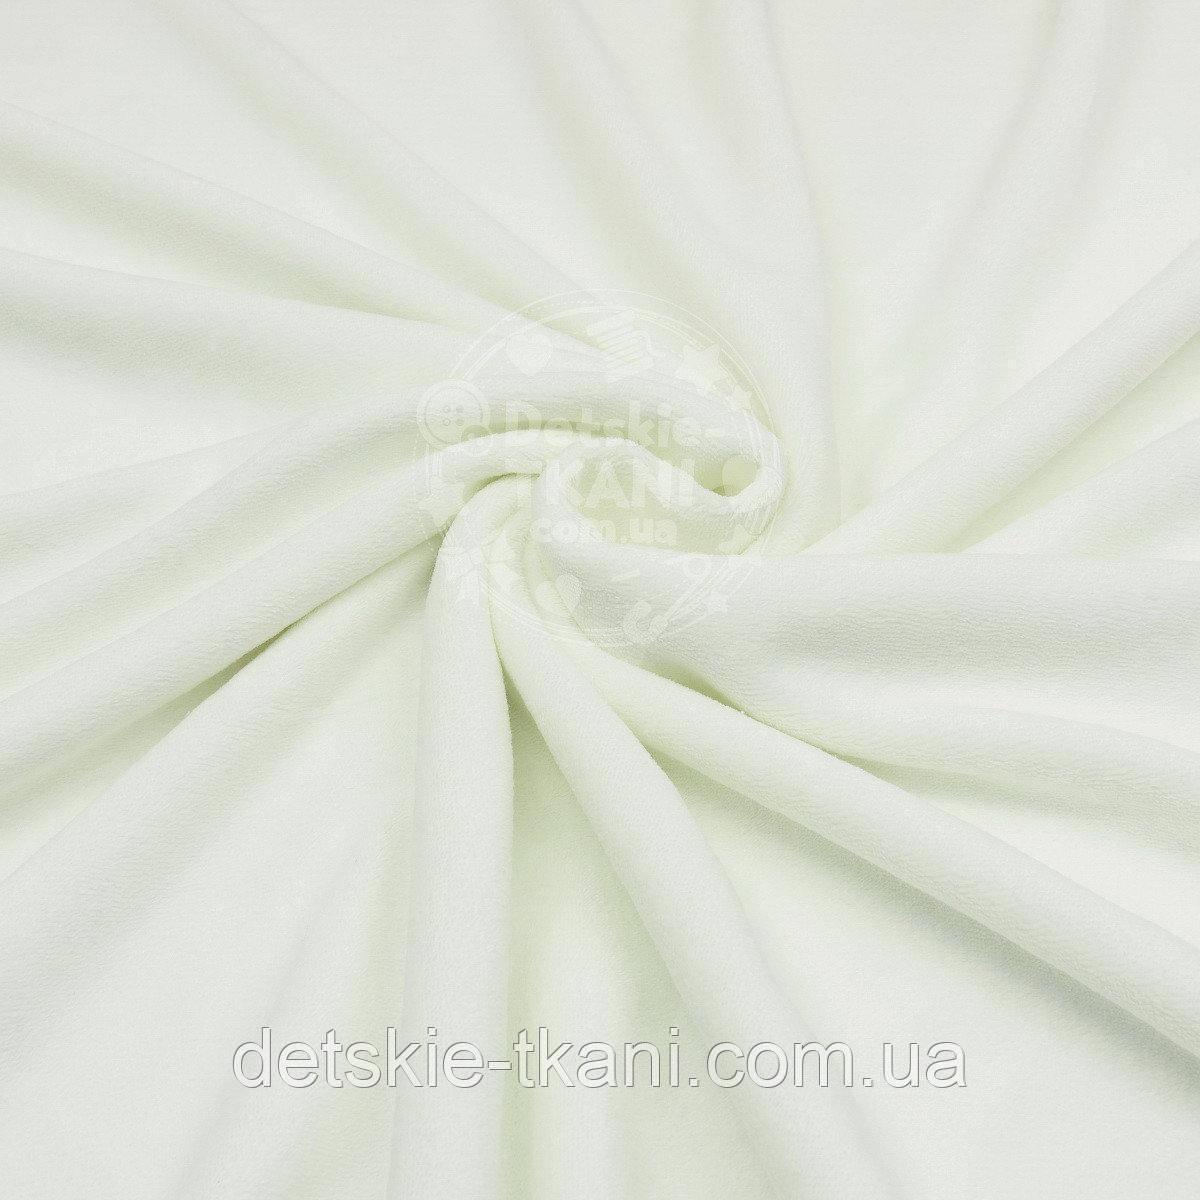 Два лоскута однотонного ХБ велюра белого цвета, размер 35*45, 45*120 см (есть  загрязнение)